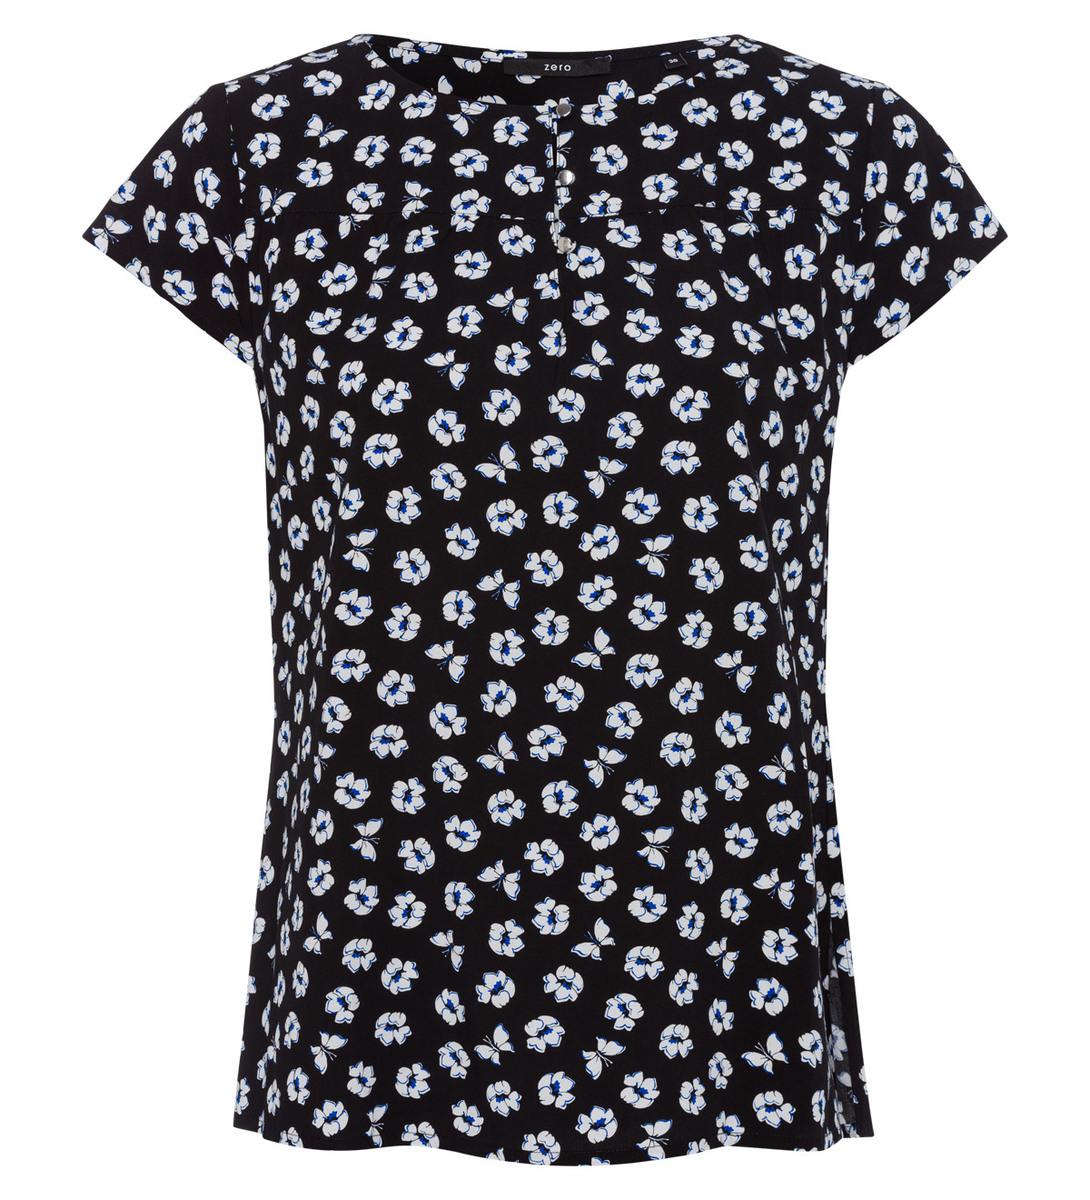 Bluse mit Blumenmuster in black